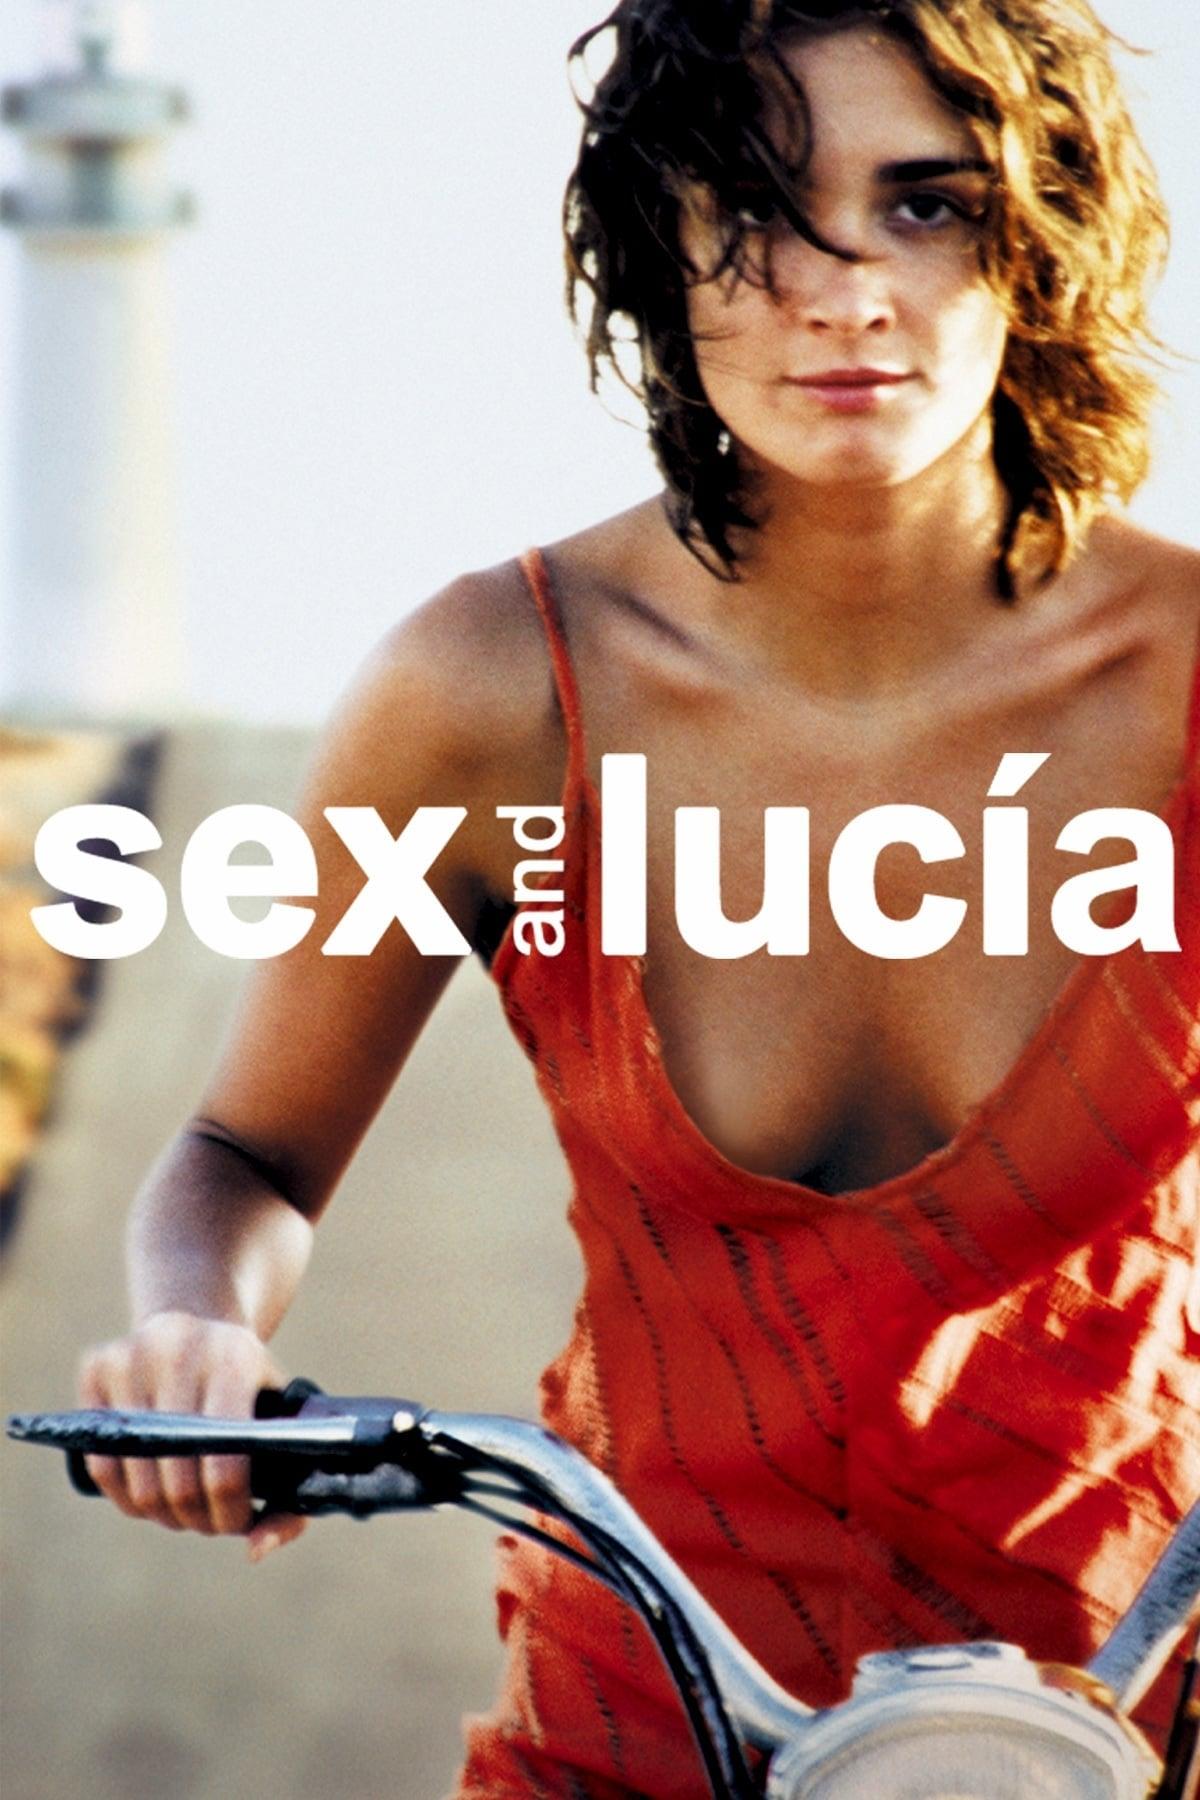 Lúcia e o Sexo